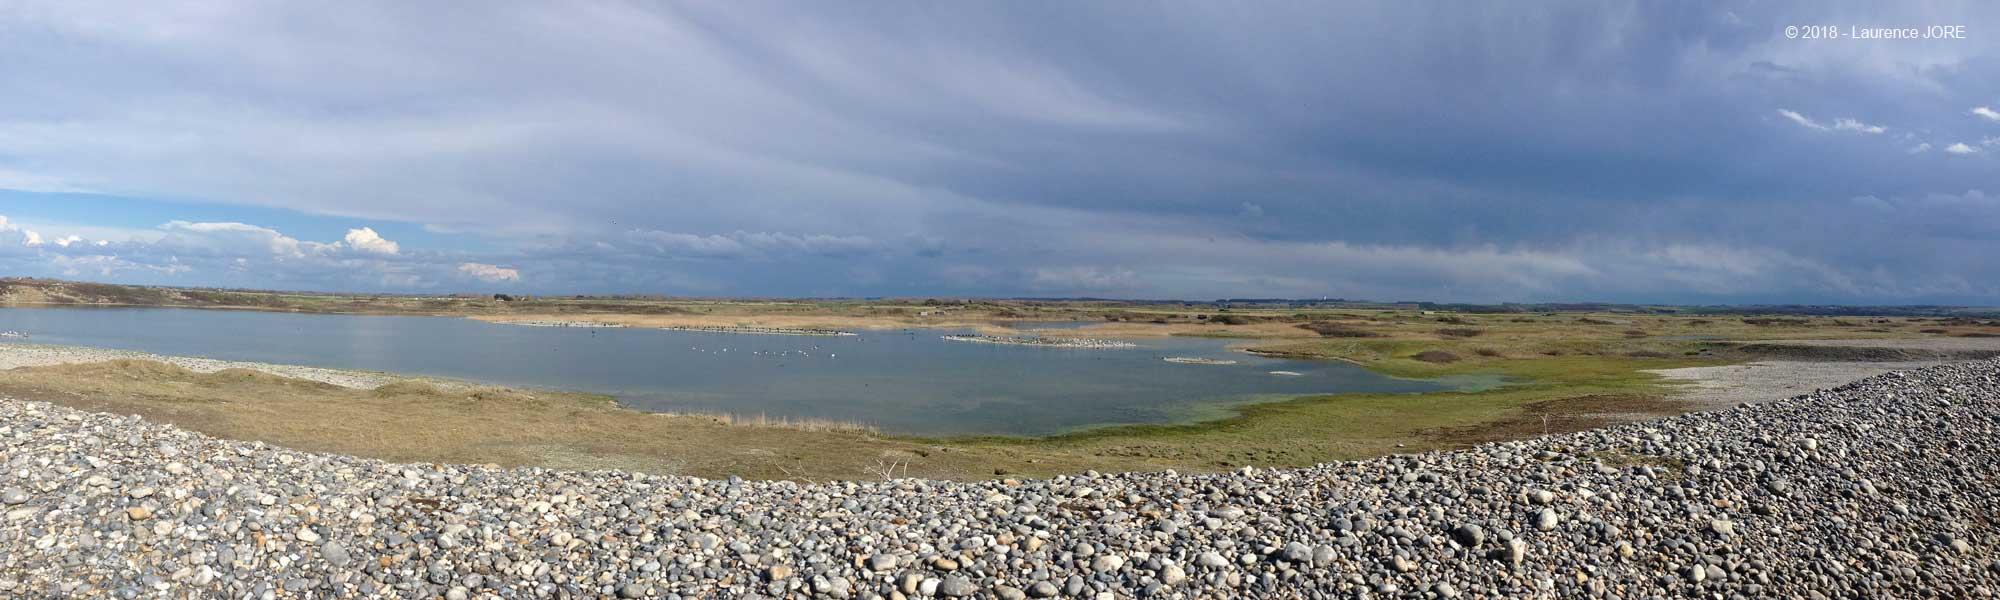 Gîte proche Baie de Somme